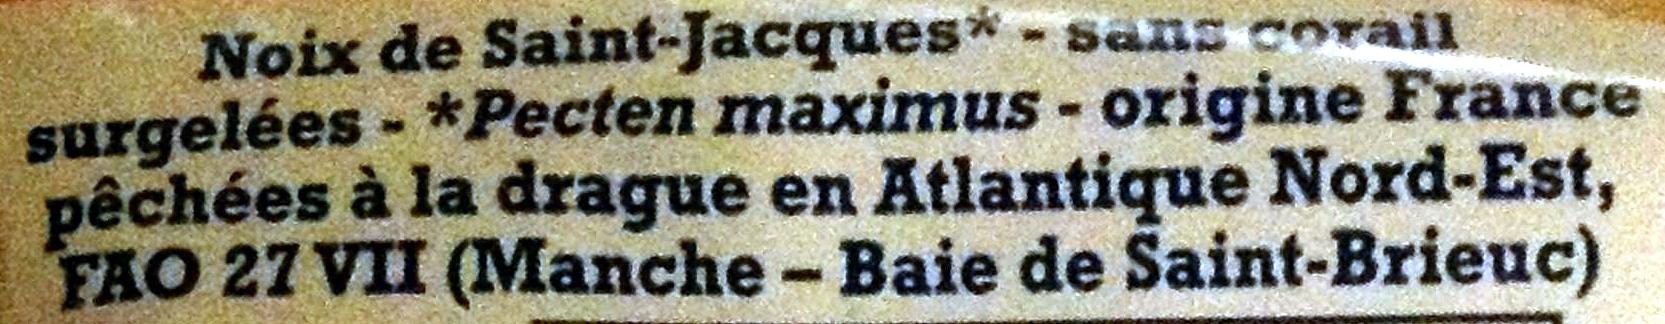 Noix de Saint-Jacques de la Baie de Saint-Brieuc, sans corail, Surgelées - Ingredients - fr